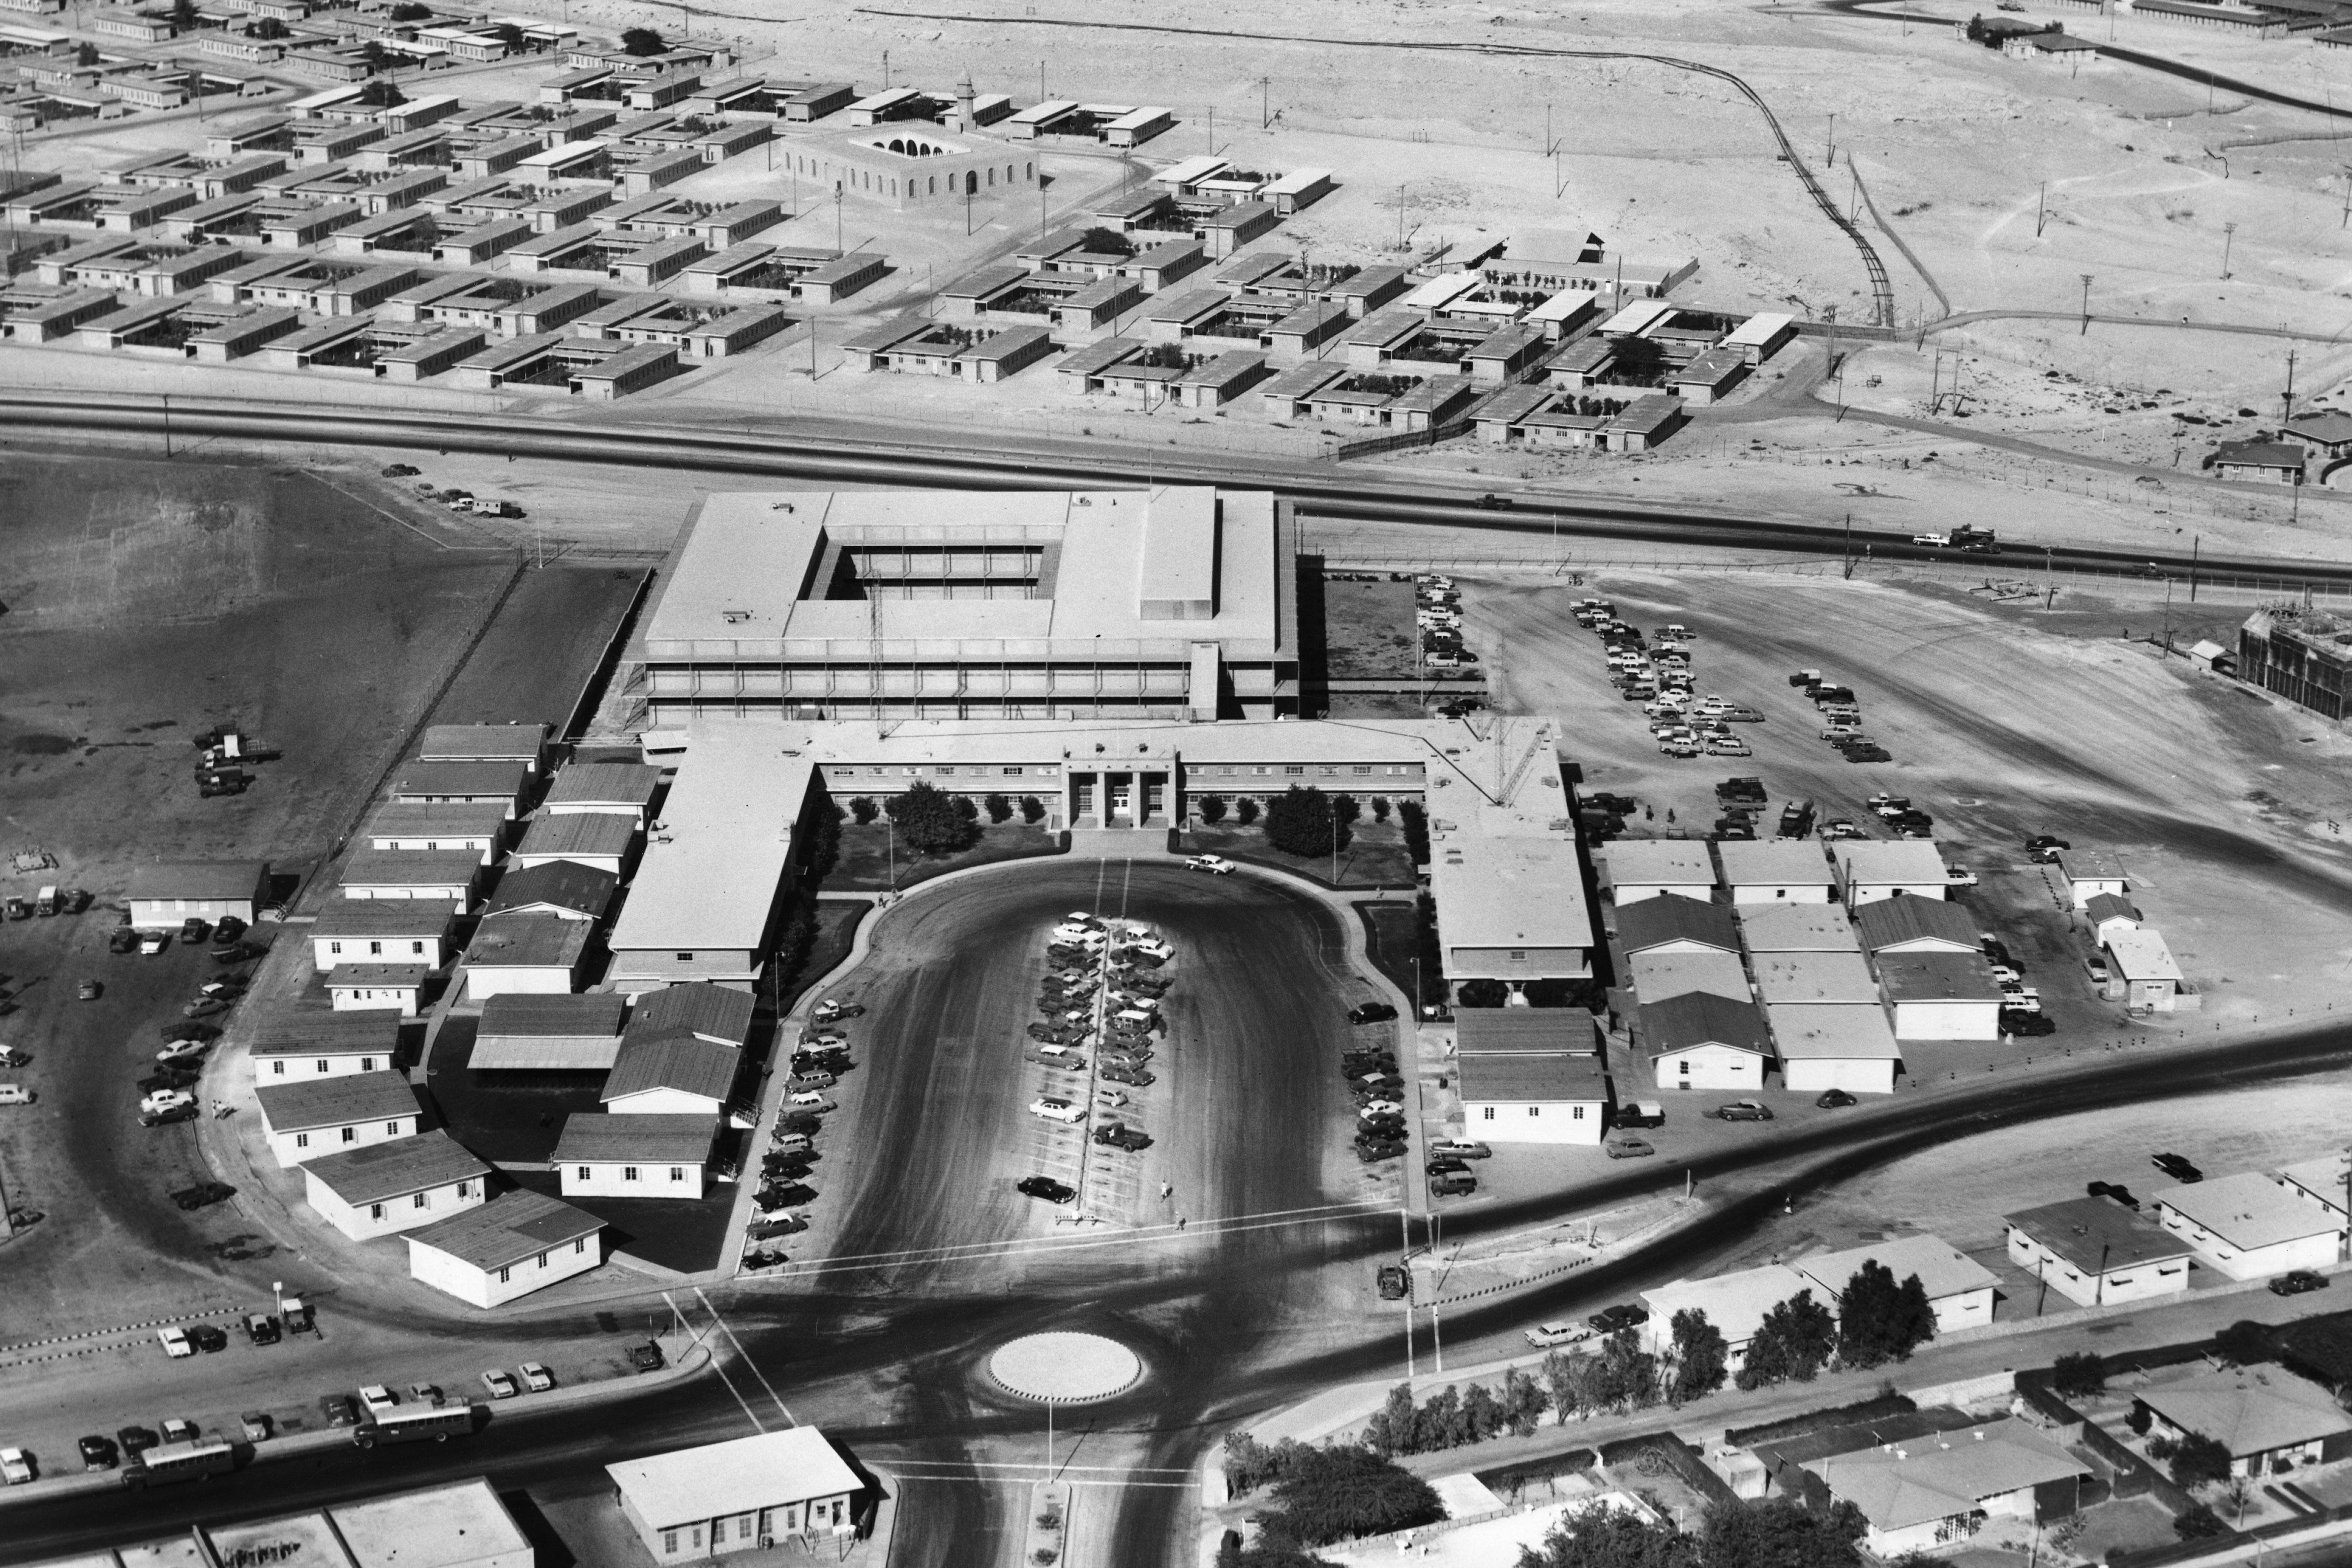 Вид с высоты птичьего полета на офис нефтяной компании Saudi Aramco в Дахране, Саудовская Аравия, 1955 год.